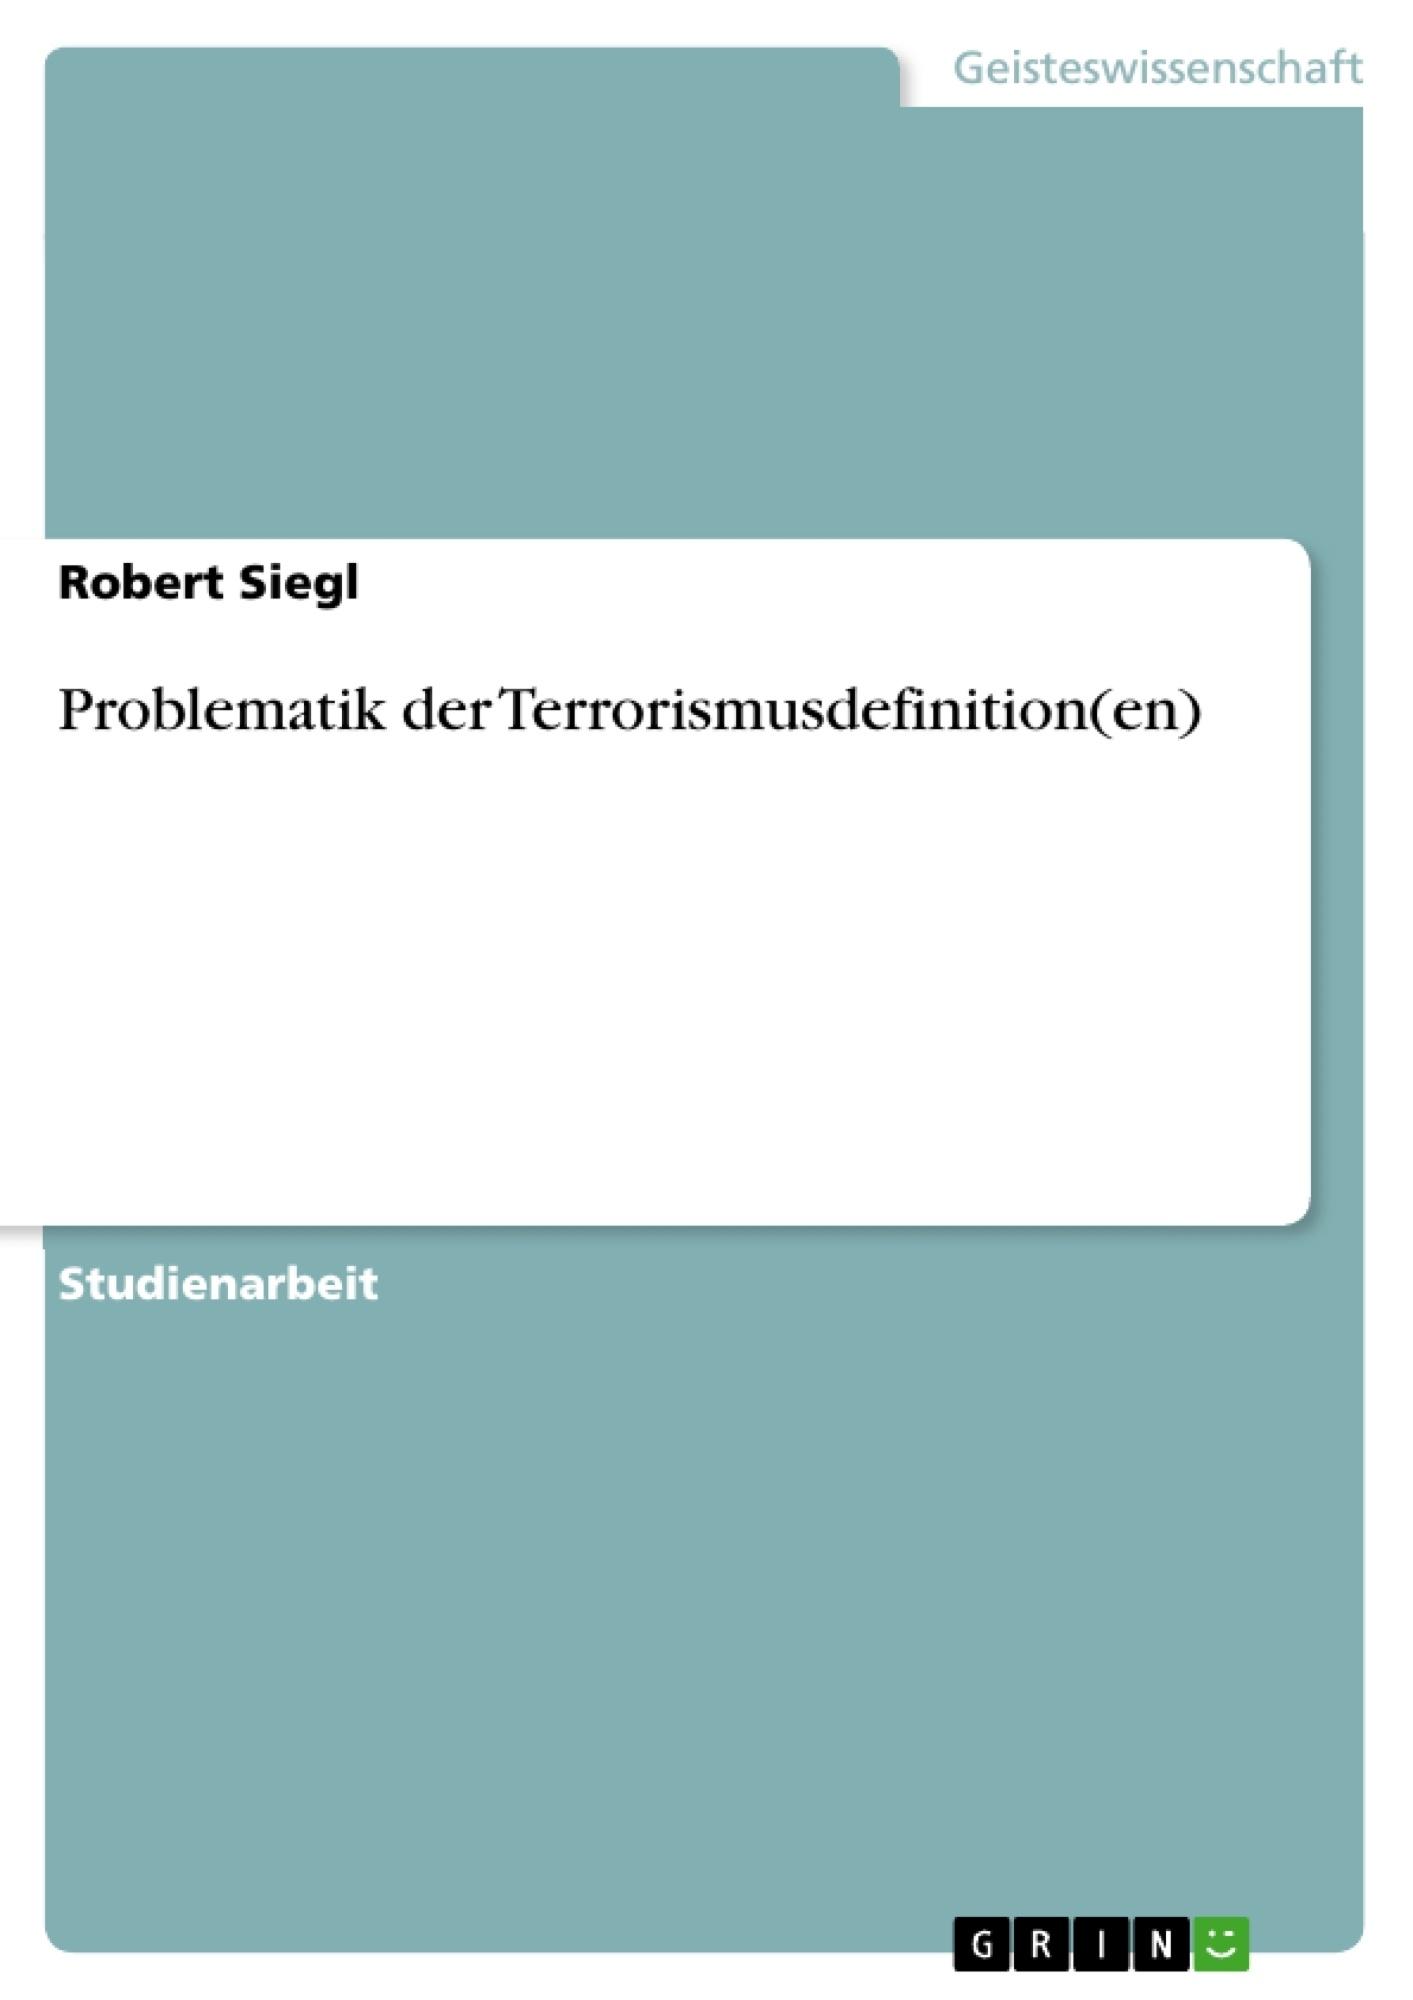 Titel: Problematik der Terrorismusdefinition(en)